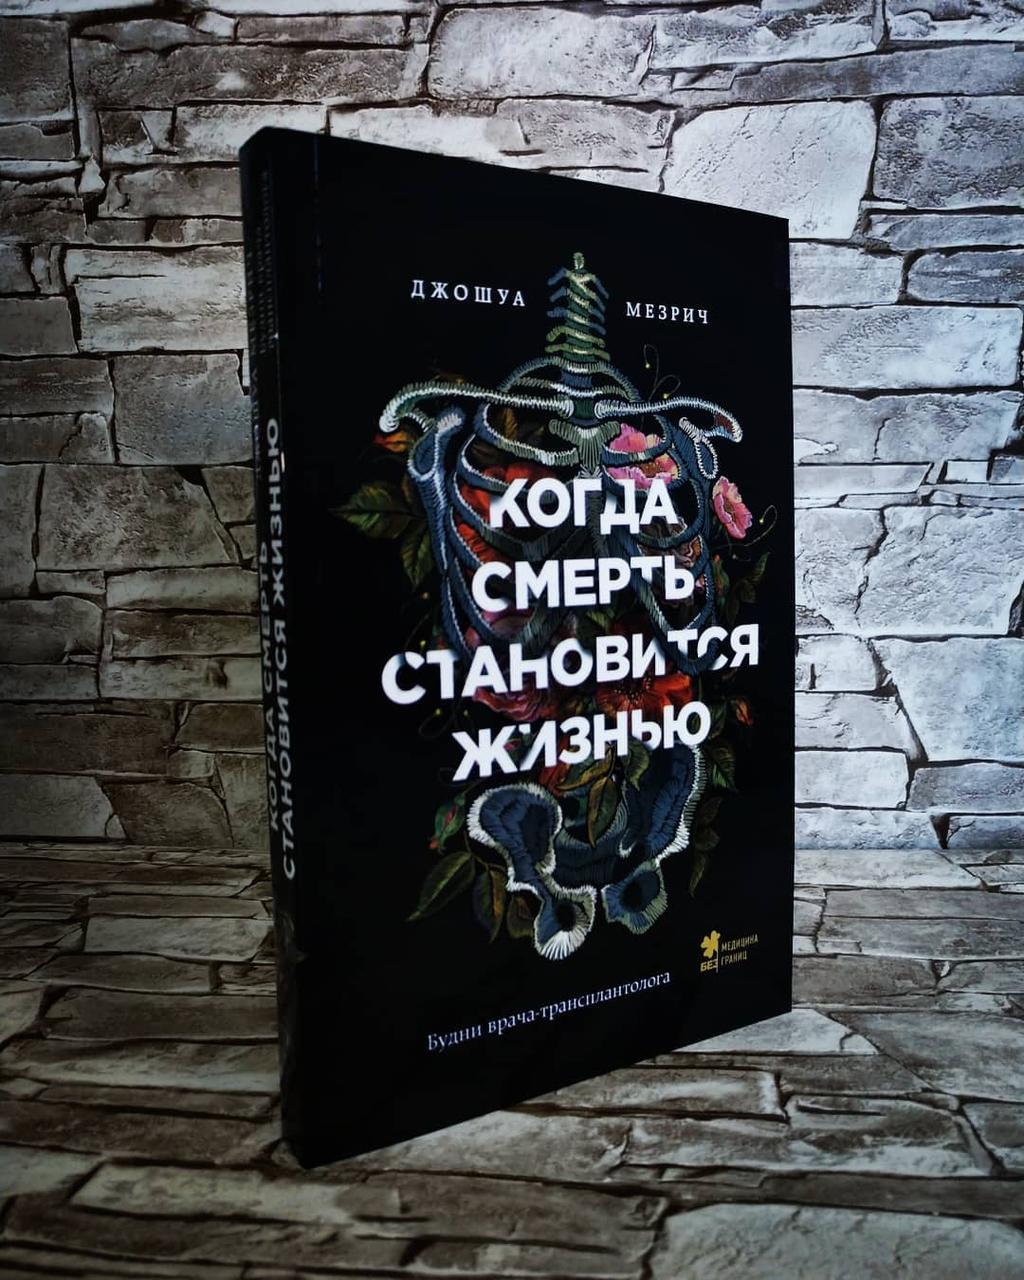 """Книга """"Коли смерть стає життям. Будні лікаря-трансплантолога"""" Джошуа Мезріч"""